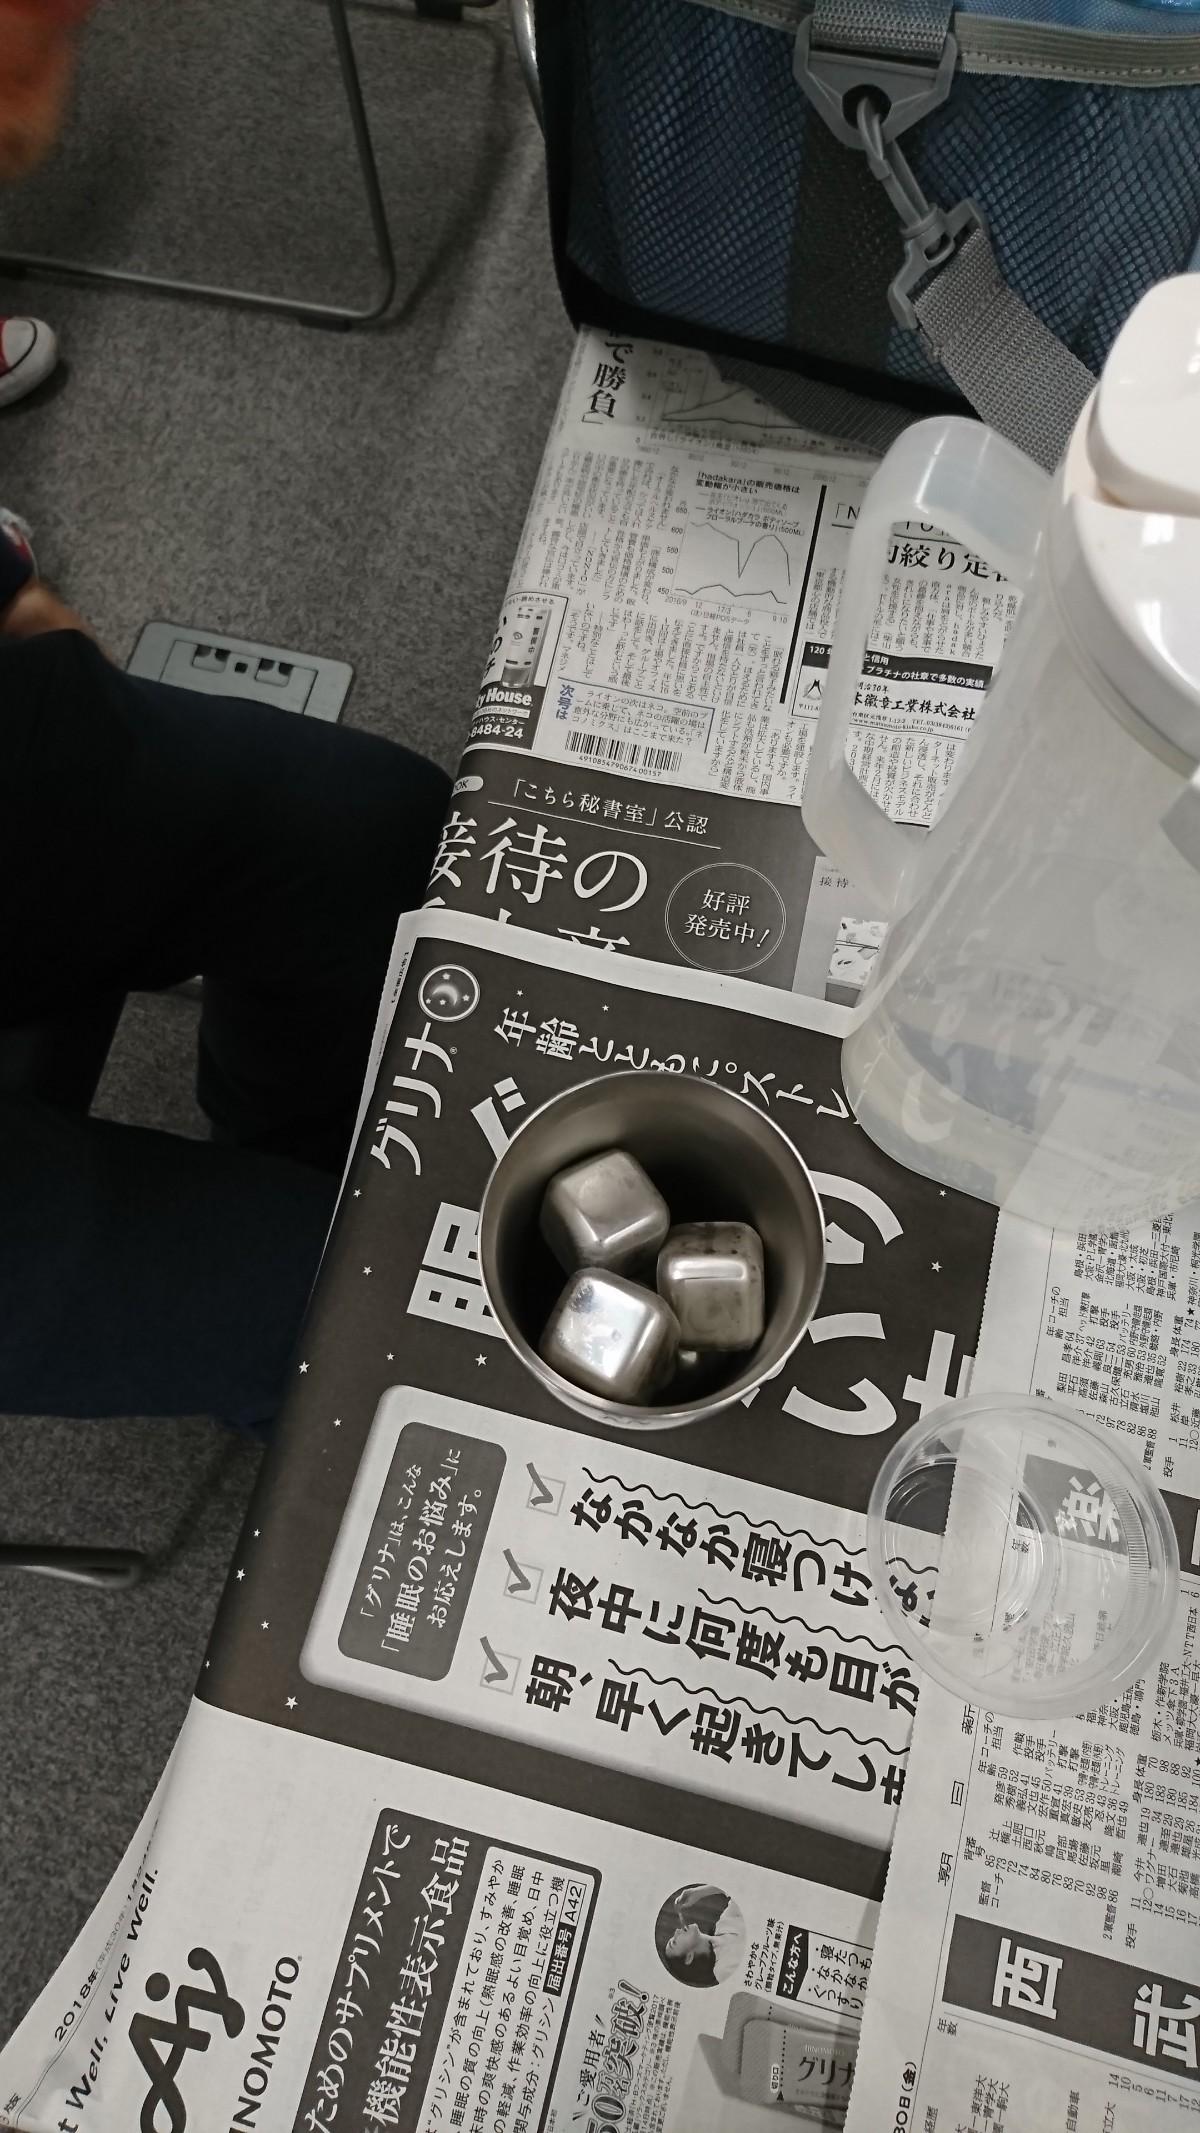 Photo_19-01-10-14-50-10.062